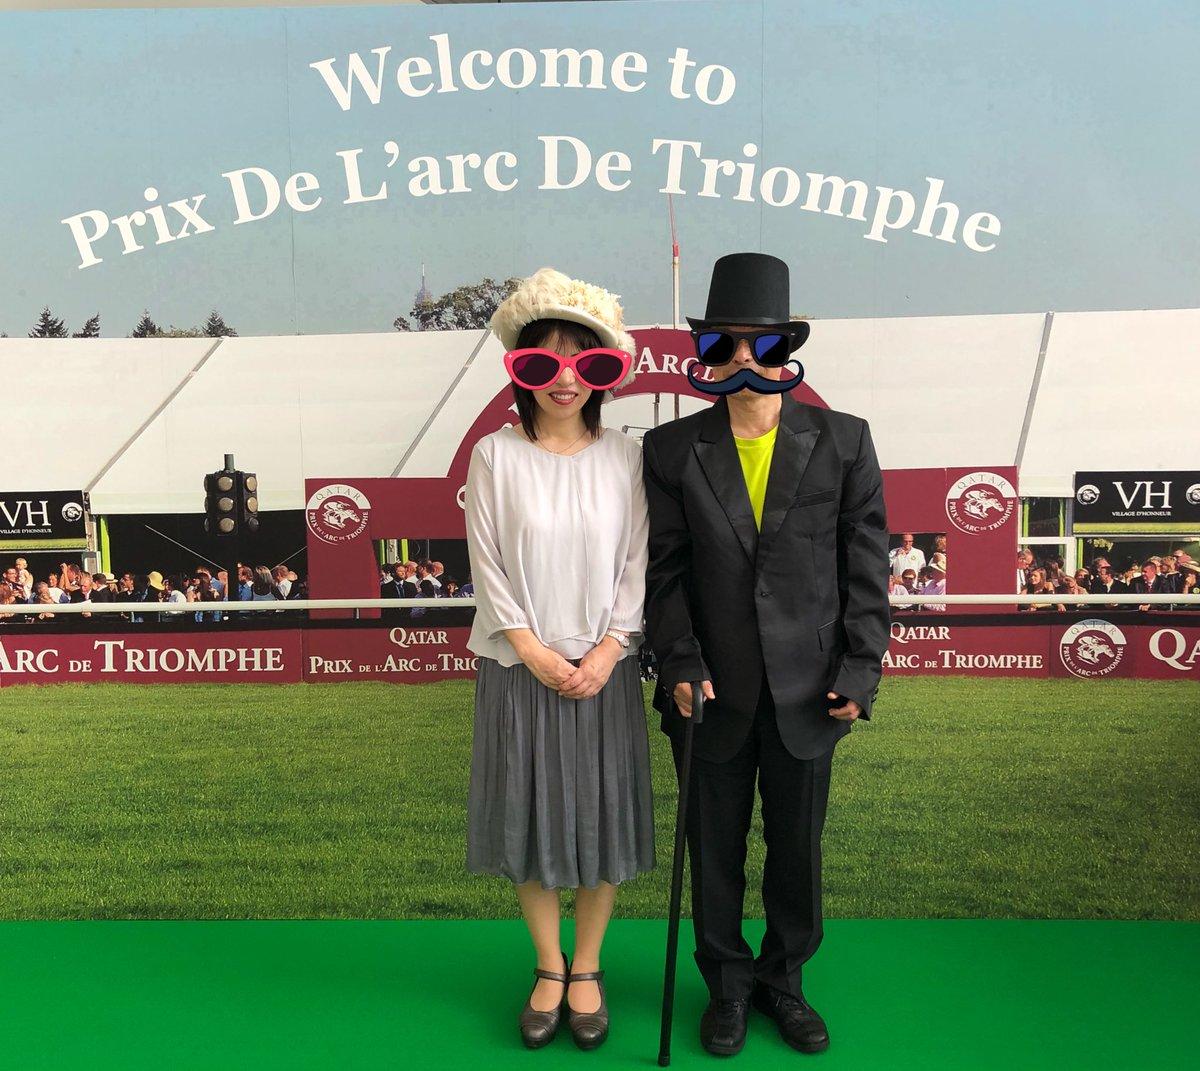 昨日は阪神競馬場で競馬観戦  凱旋門賞に出走する🐎キセキ宛に応援メッセージを書き、ロンシャン競馬場に行ったつもりで記念撮影してきました(笑) 🎩帽子など小物もあり、スタッフの方がコーディネートしてくれました。